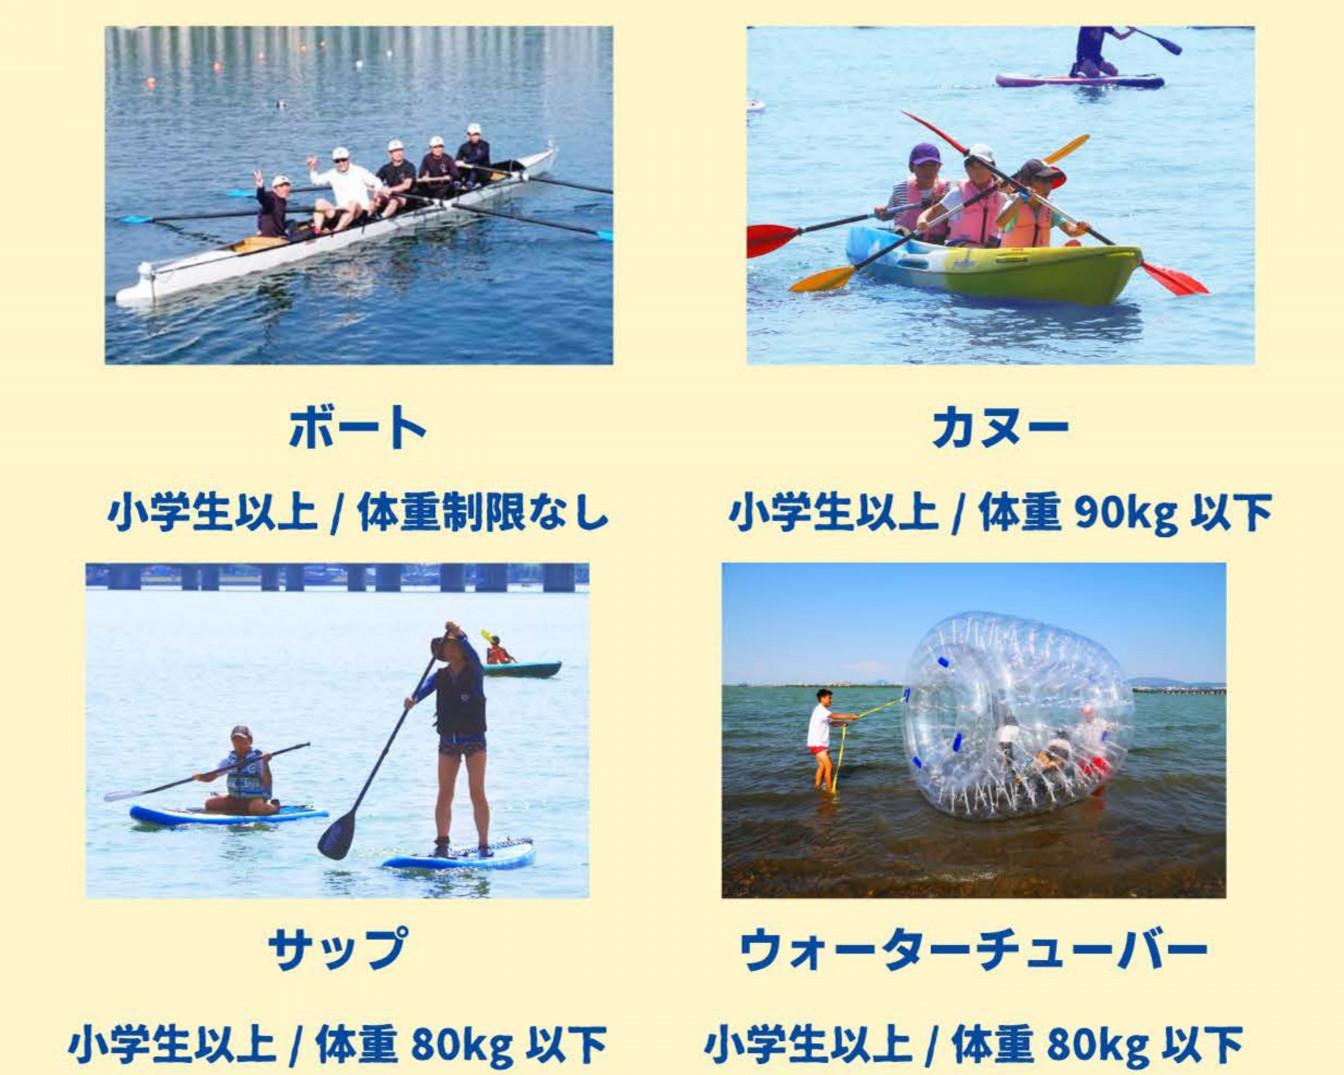 4種のアクティビティをも体験可能 (BIWAKO湖フェスHPより)